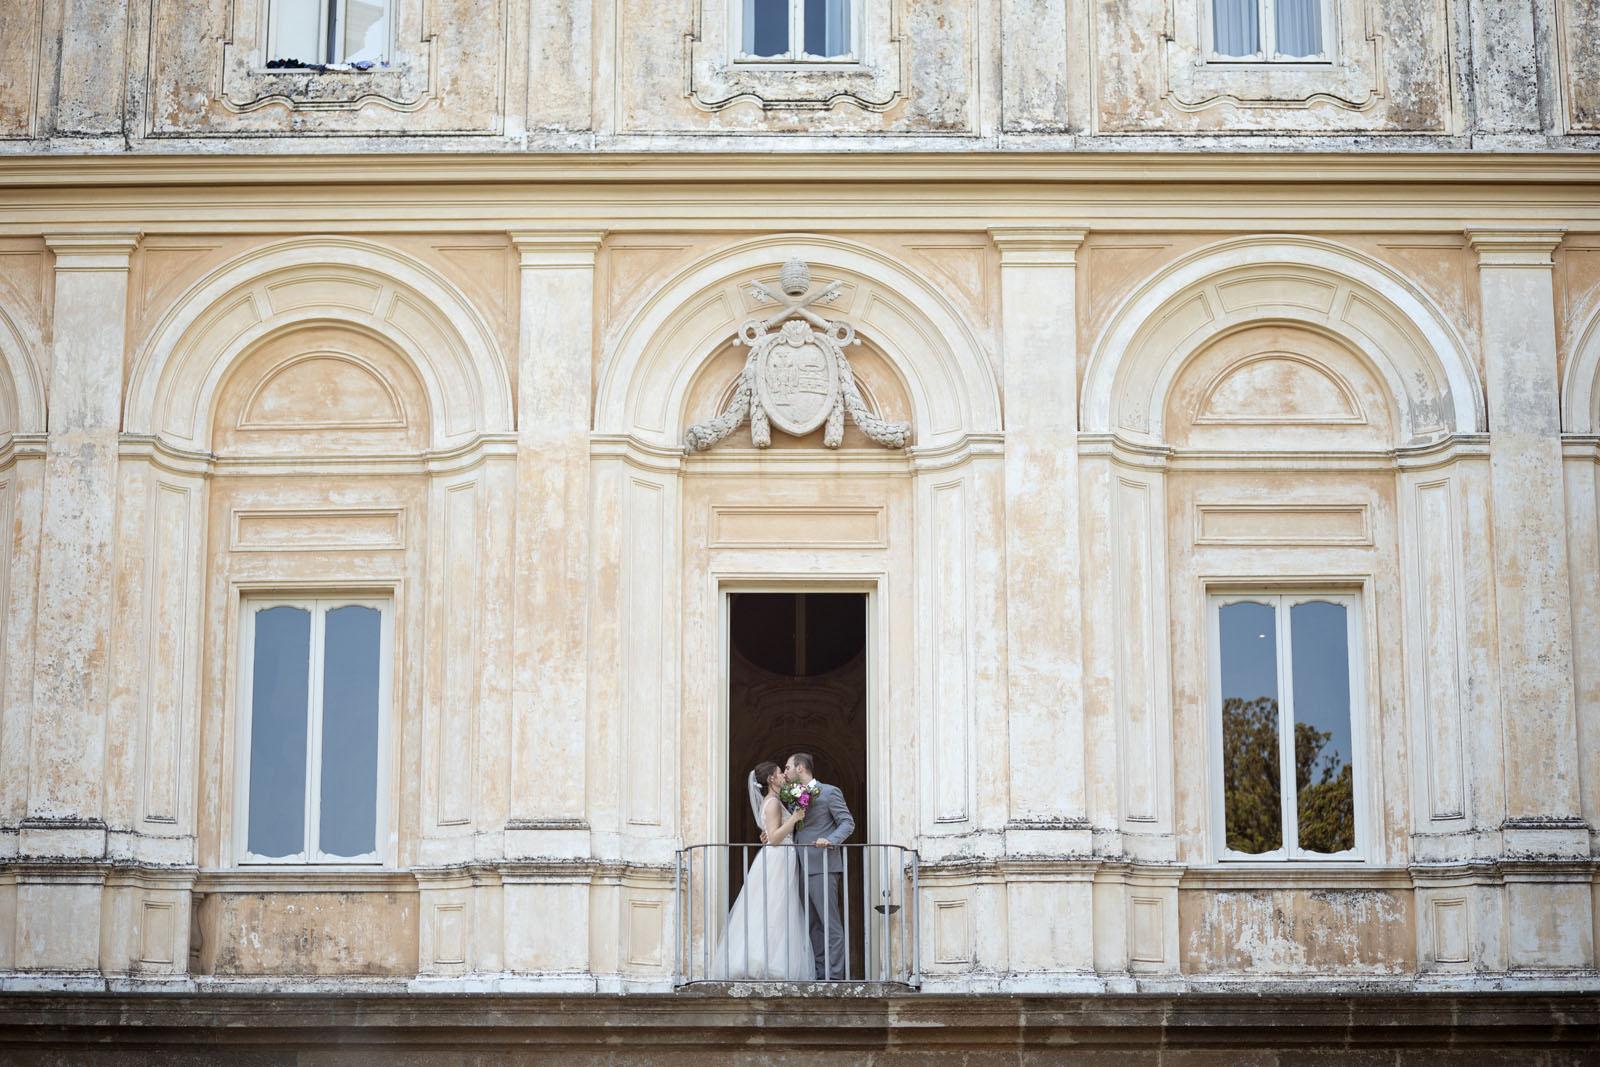 Villa Grazioli in a pic by Fabio Schiazza